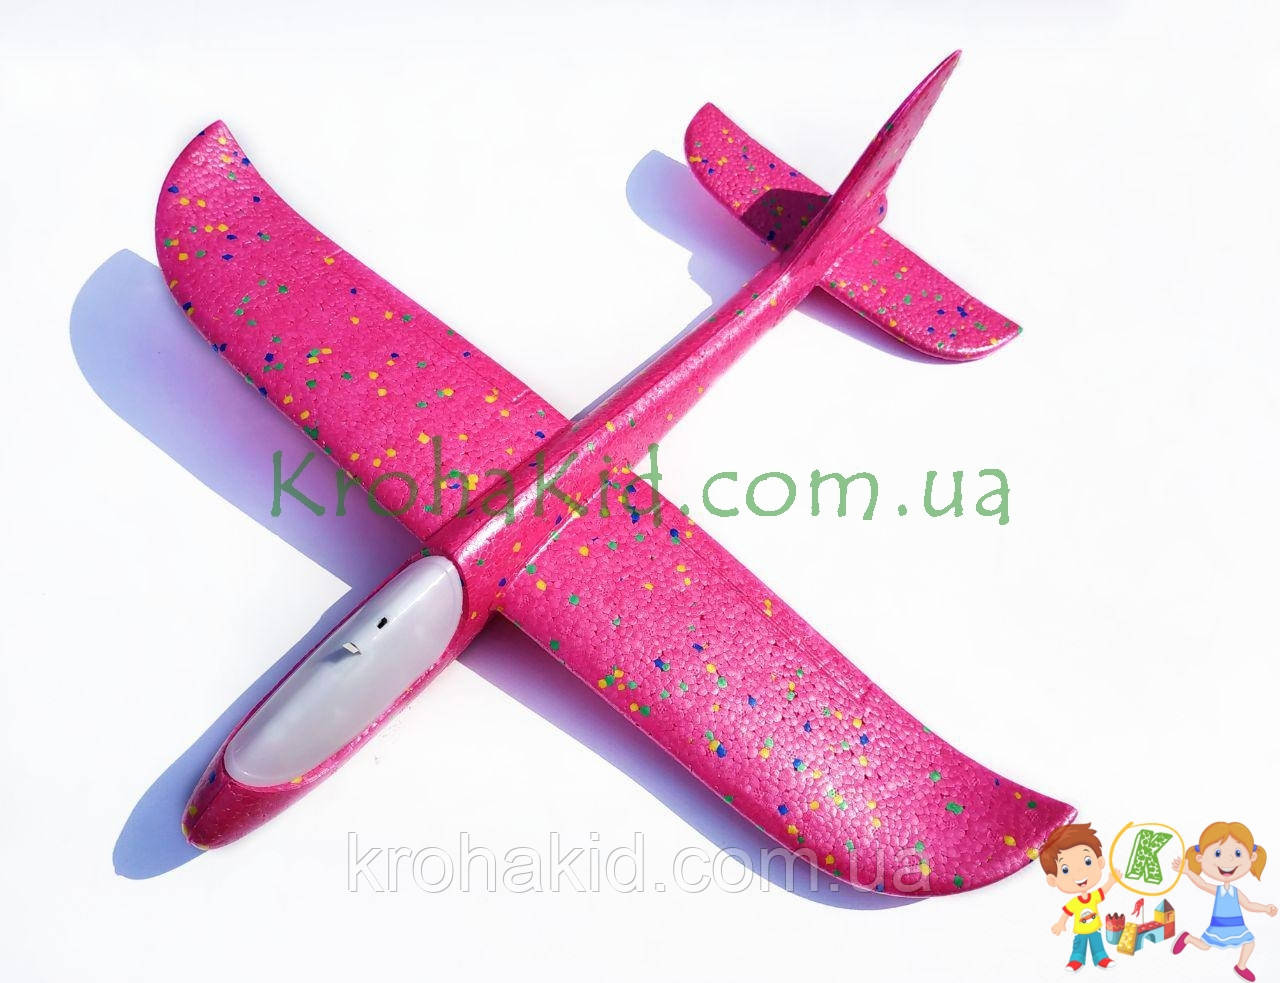 Літак планер метальний Explosion Y8551-49 світиться (великий розмах крил 49 см) Рожевий